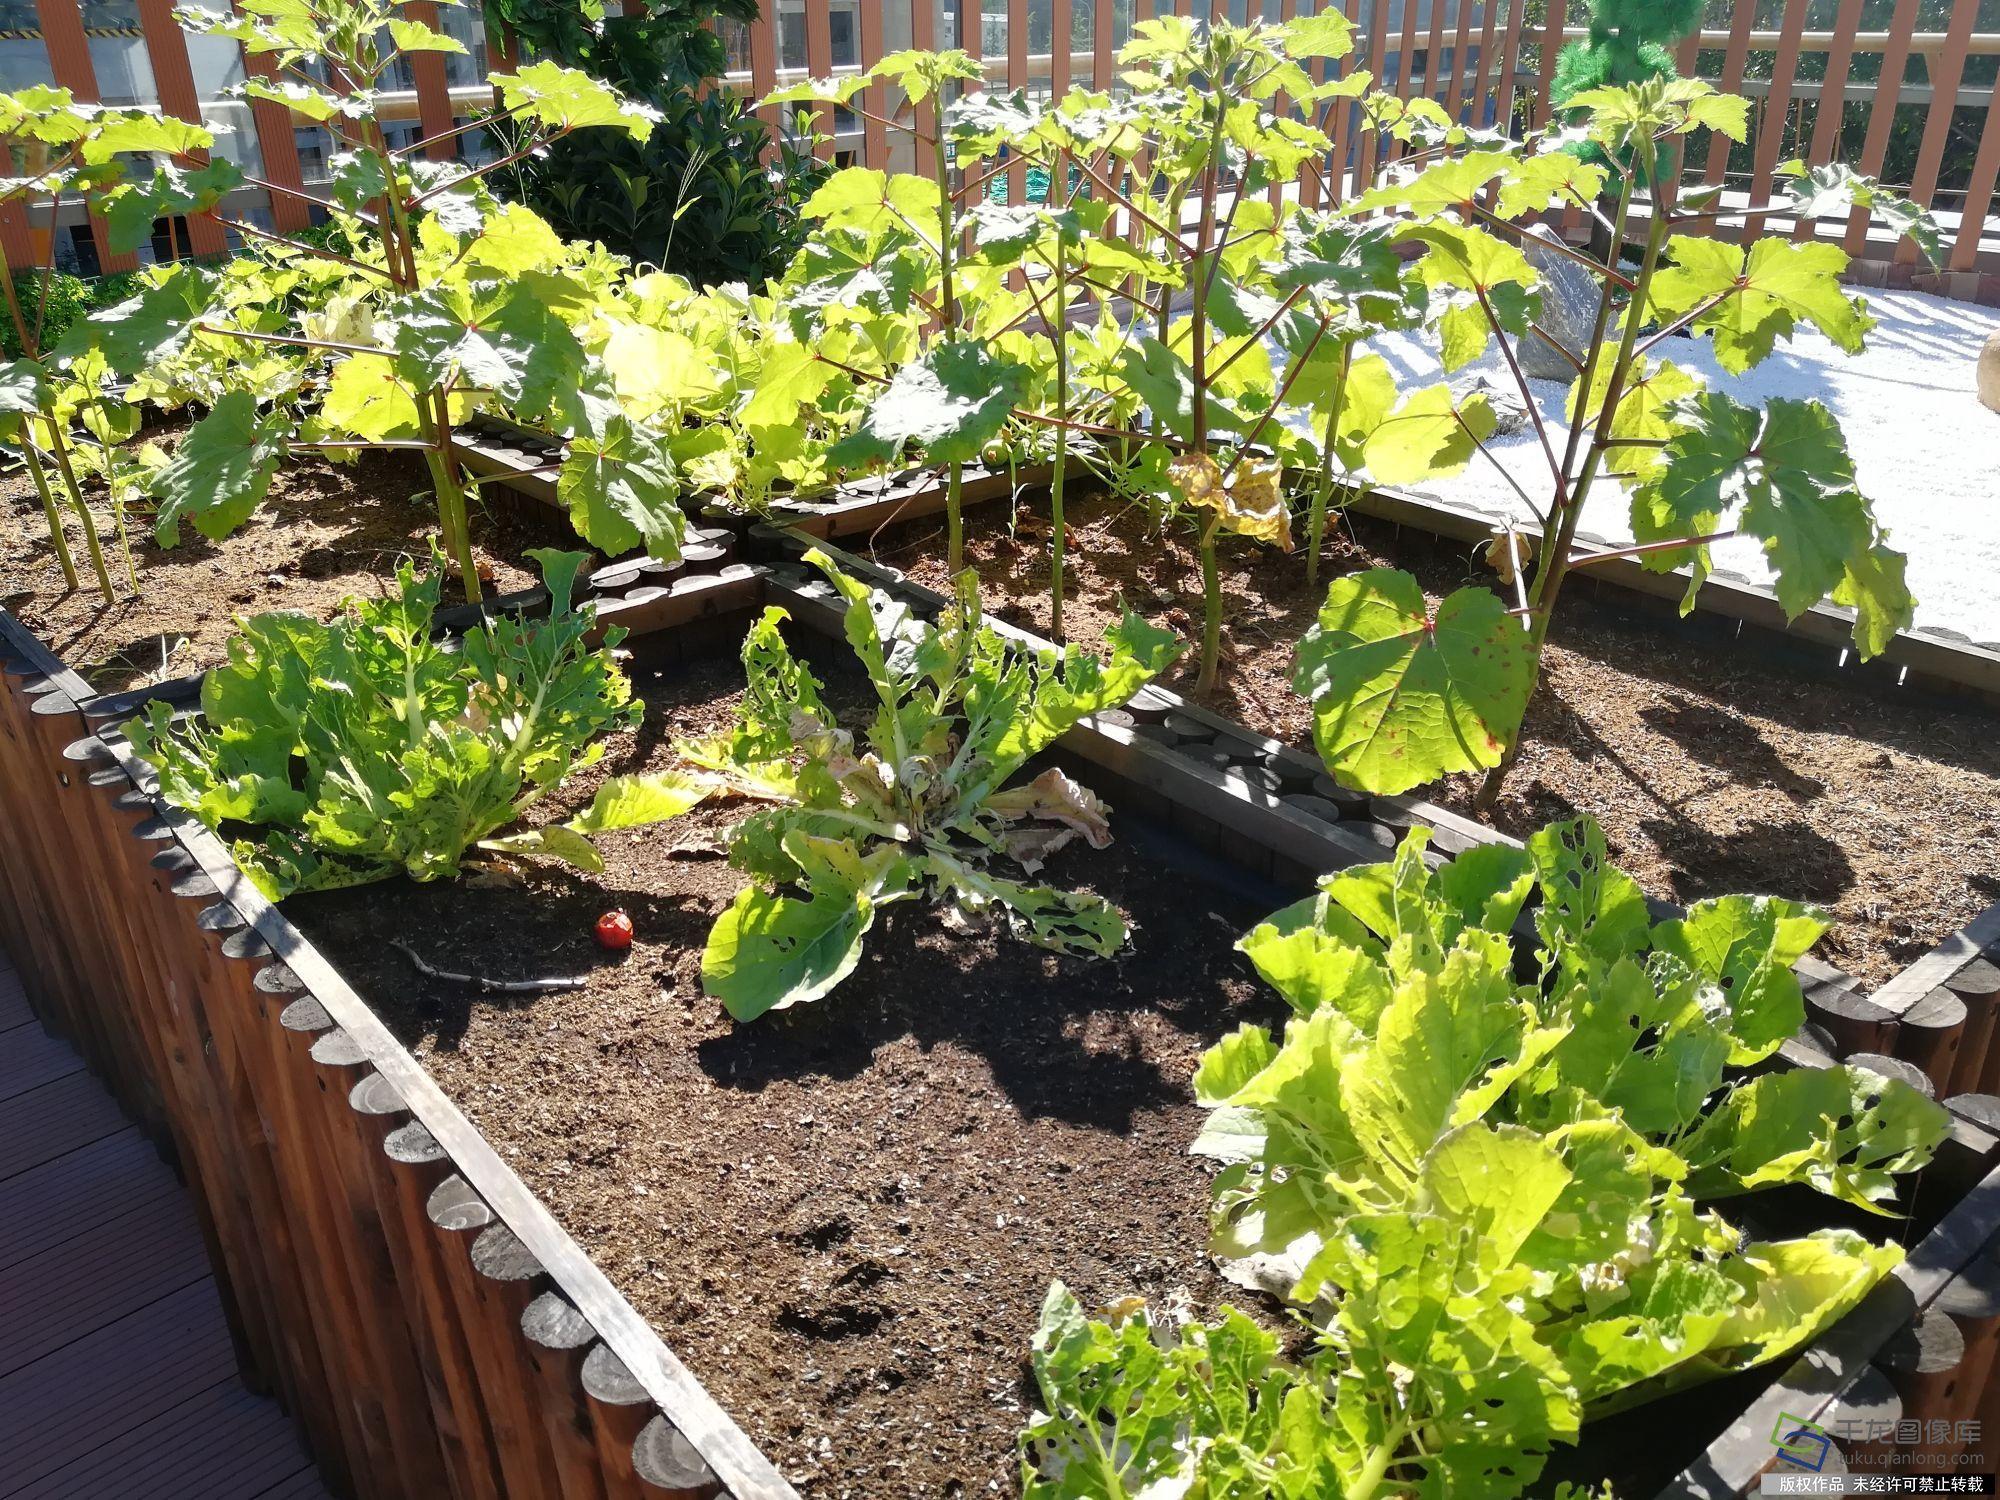 园设有内外两个小院和屋顶花园,不仅为老人提供了宽敞舒适的活